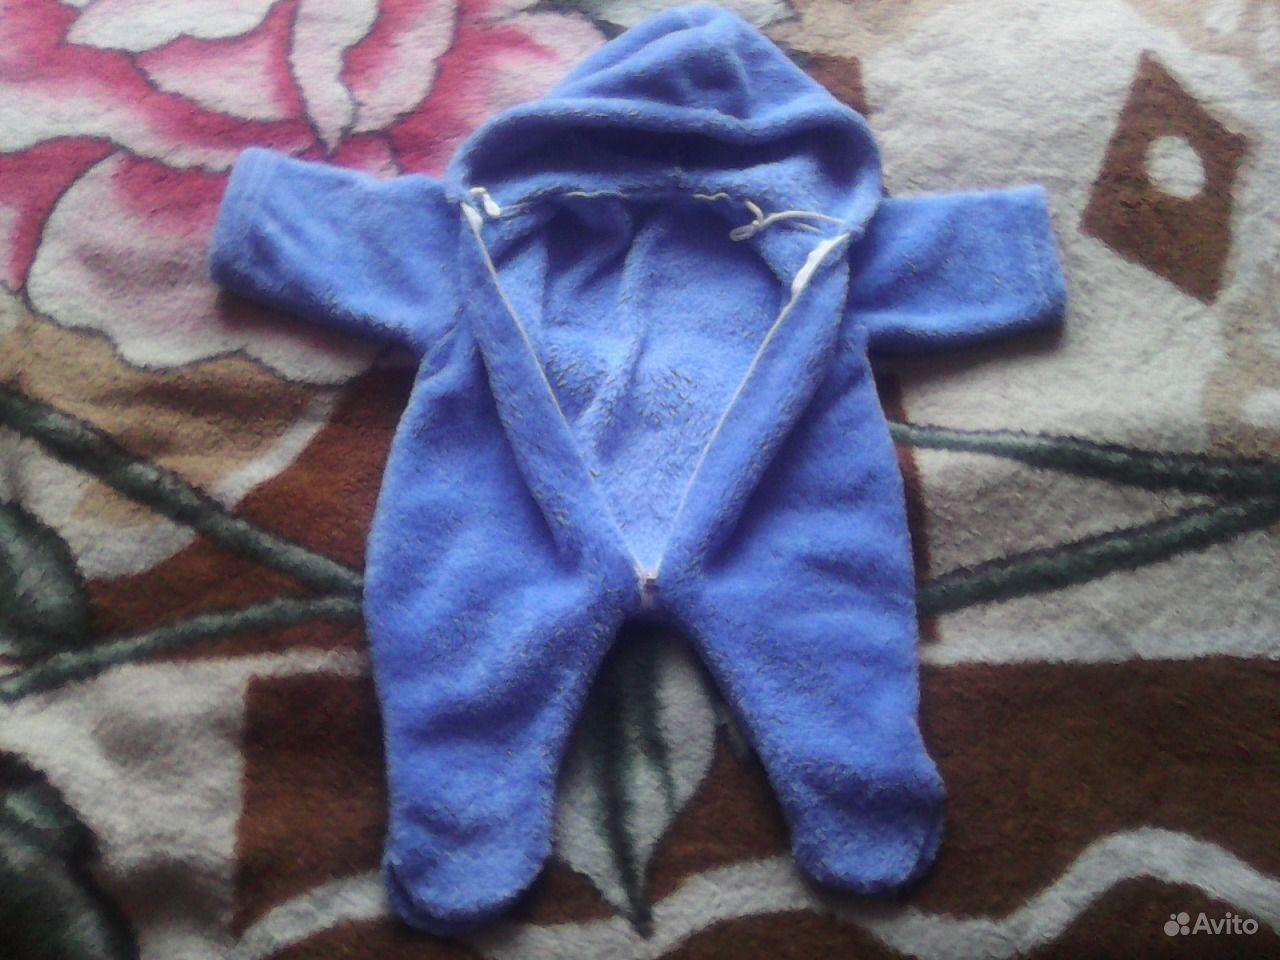 2b7174144 Продаю детские вещи на мальчика пакетом | Festima.Ru - Мониторинг ...